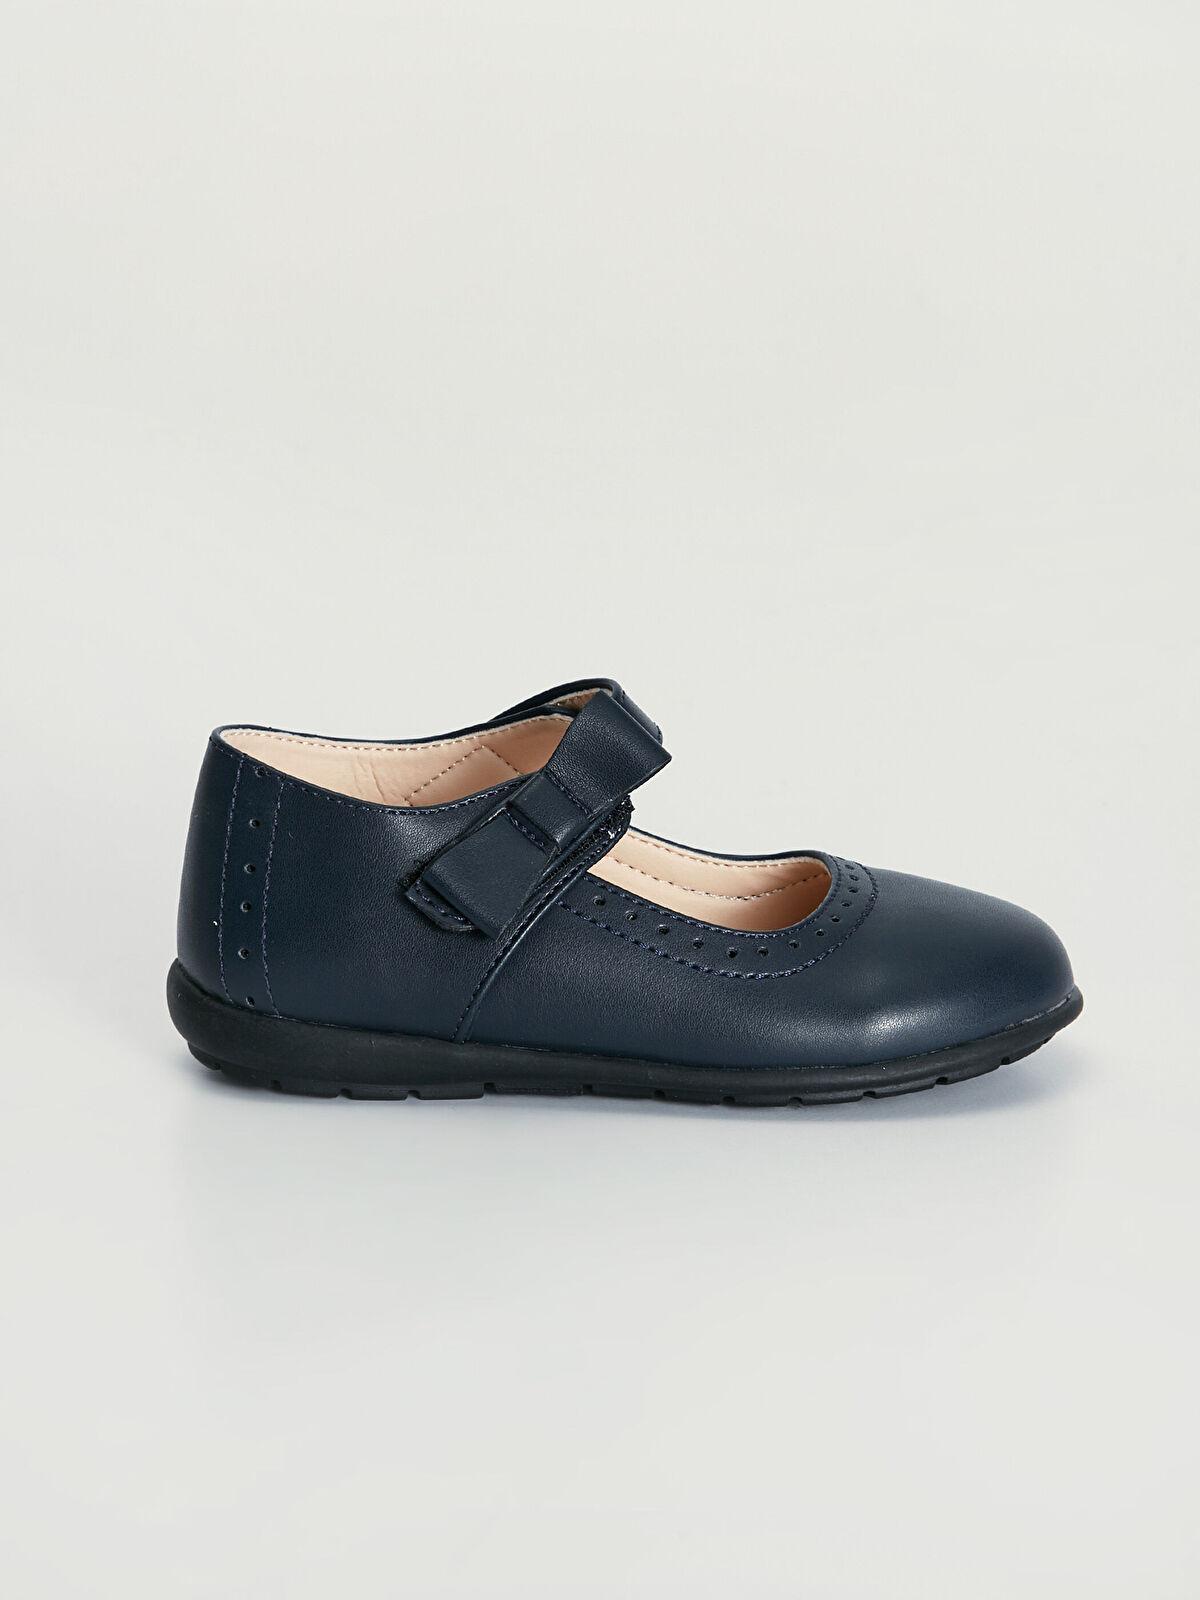 Kız Çocuk Cırt Cırtlı Babet Ayakkabı - LC WAIKIKI